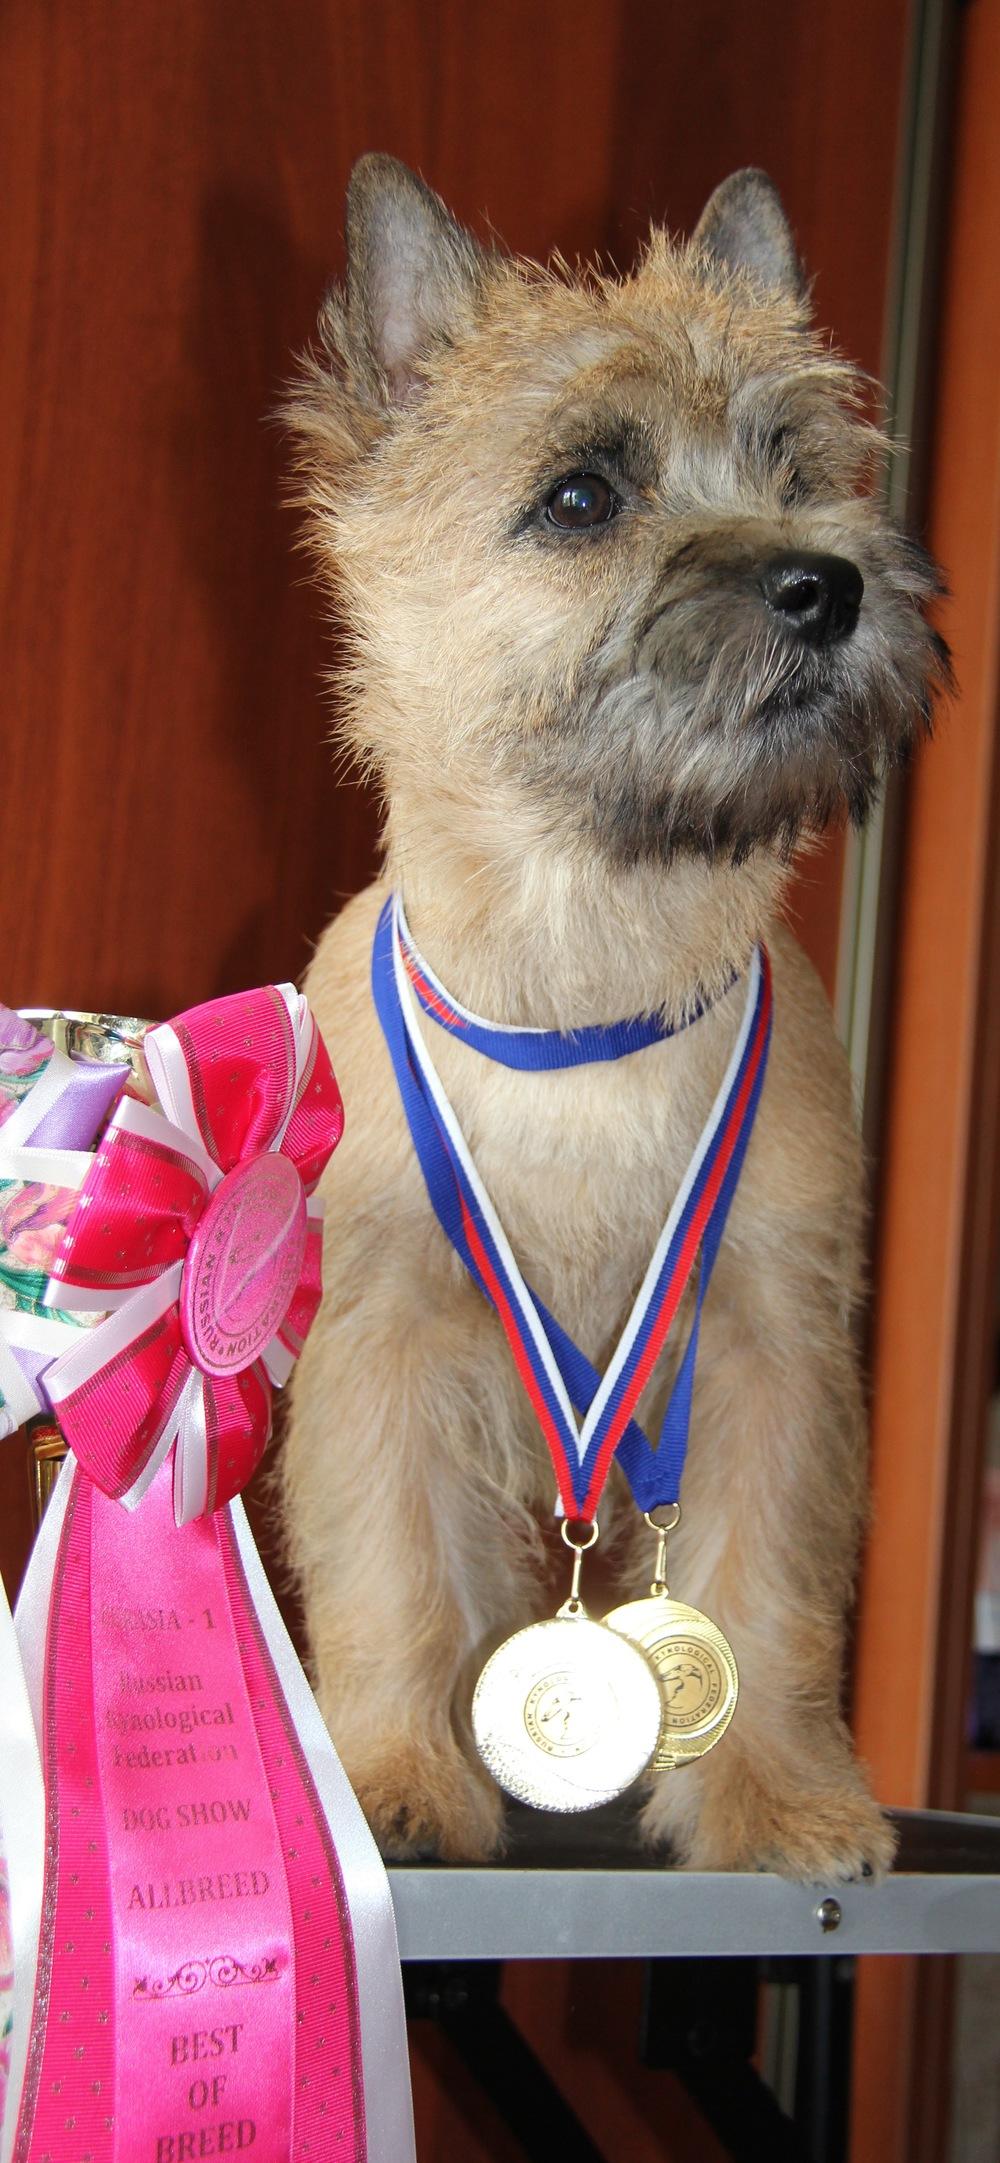 Alex won Best Baby Puppy in Moscow